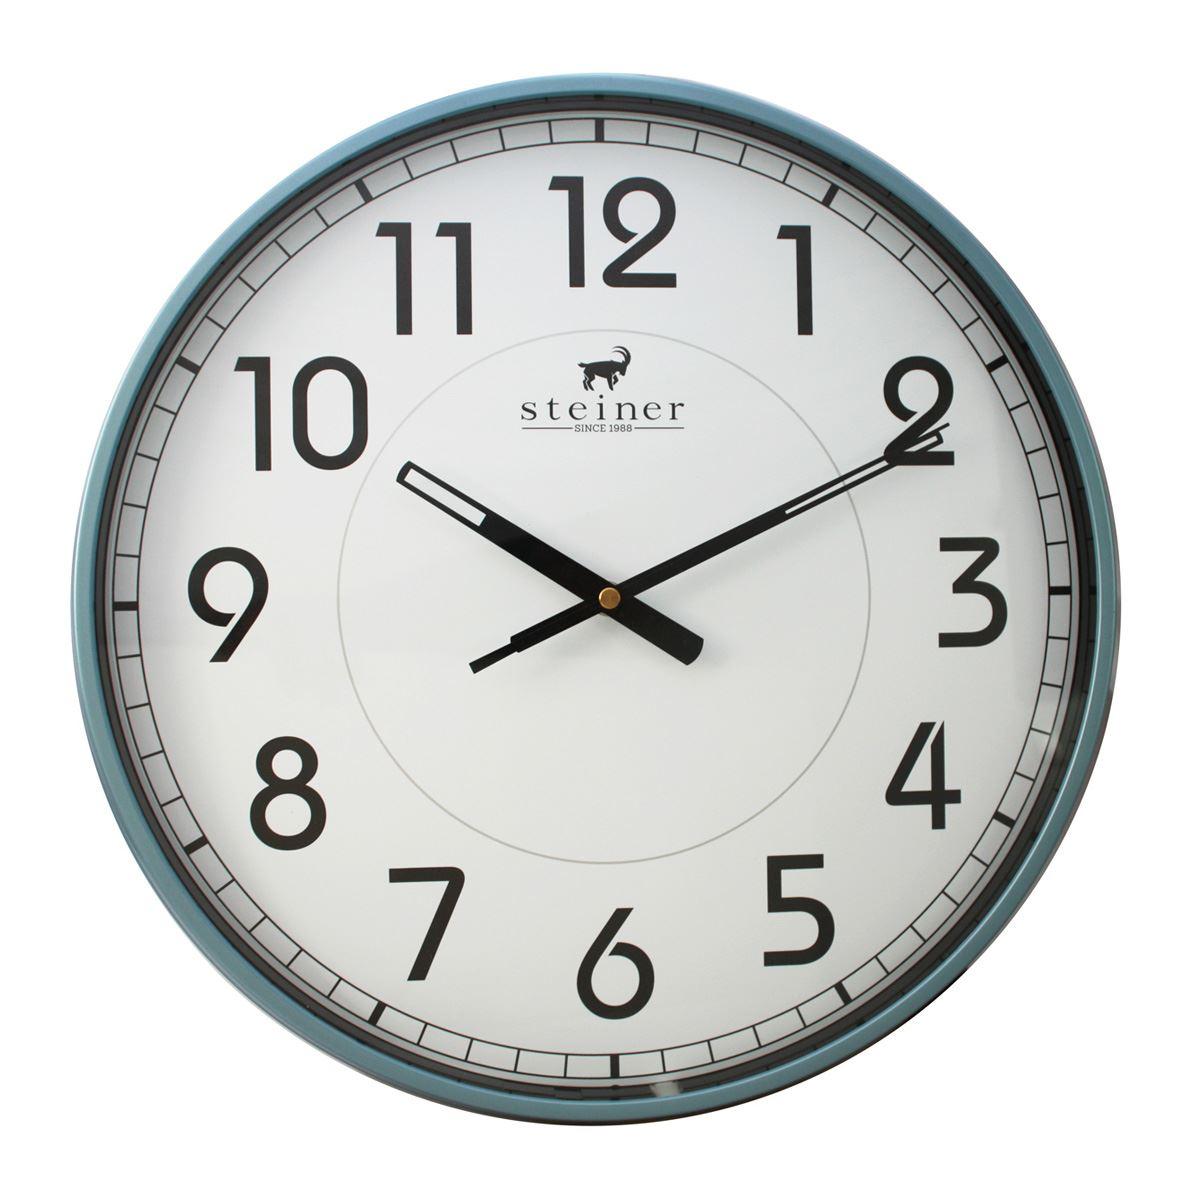 Reloj de pared steiner ws673spbl - Sanborns